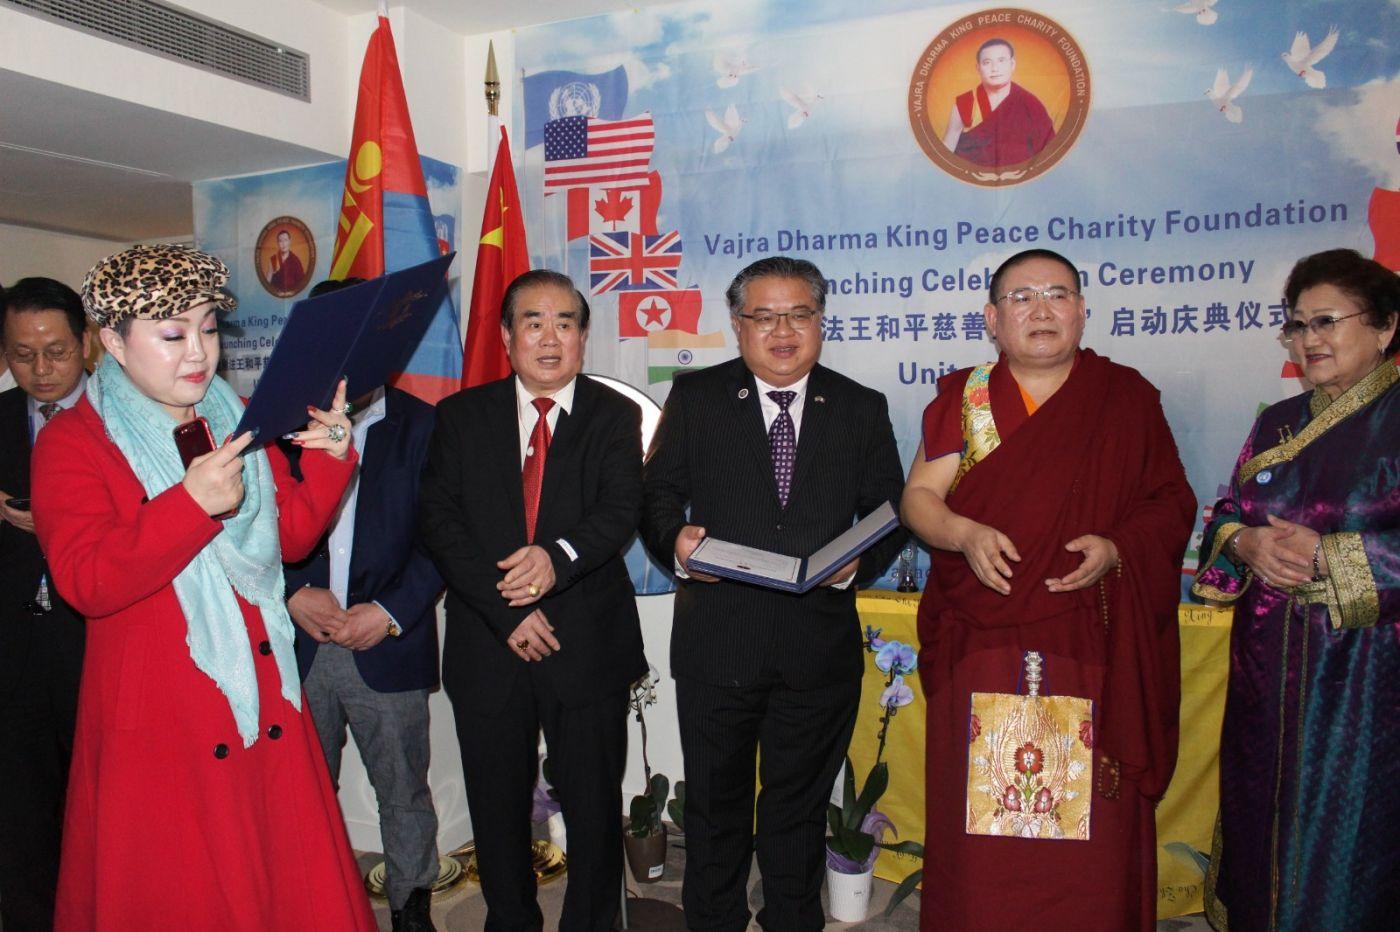 """""""金刚法王和平慈善基金会""""启动庆典仪式在联合国一号举行 ..._图1-3"""